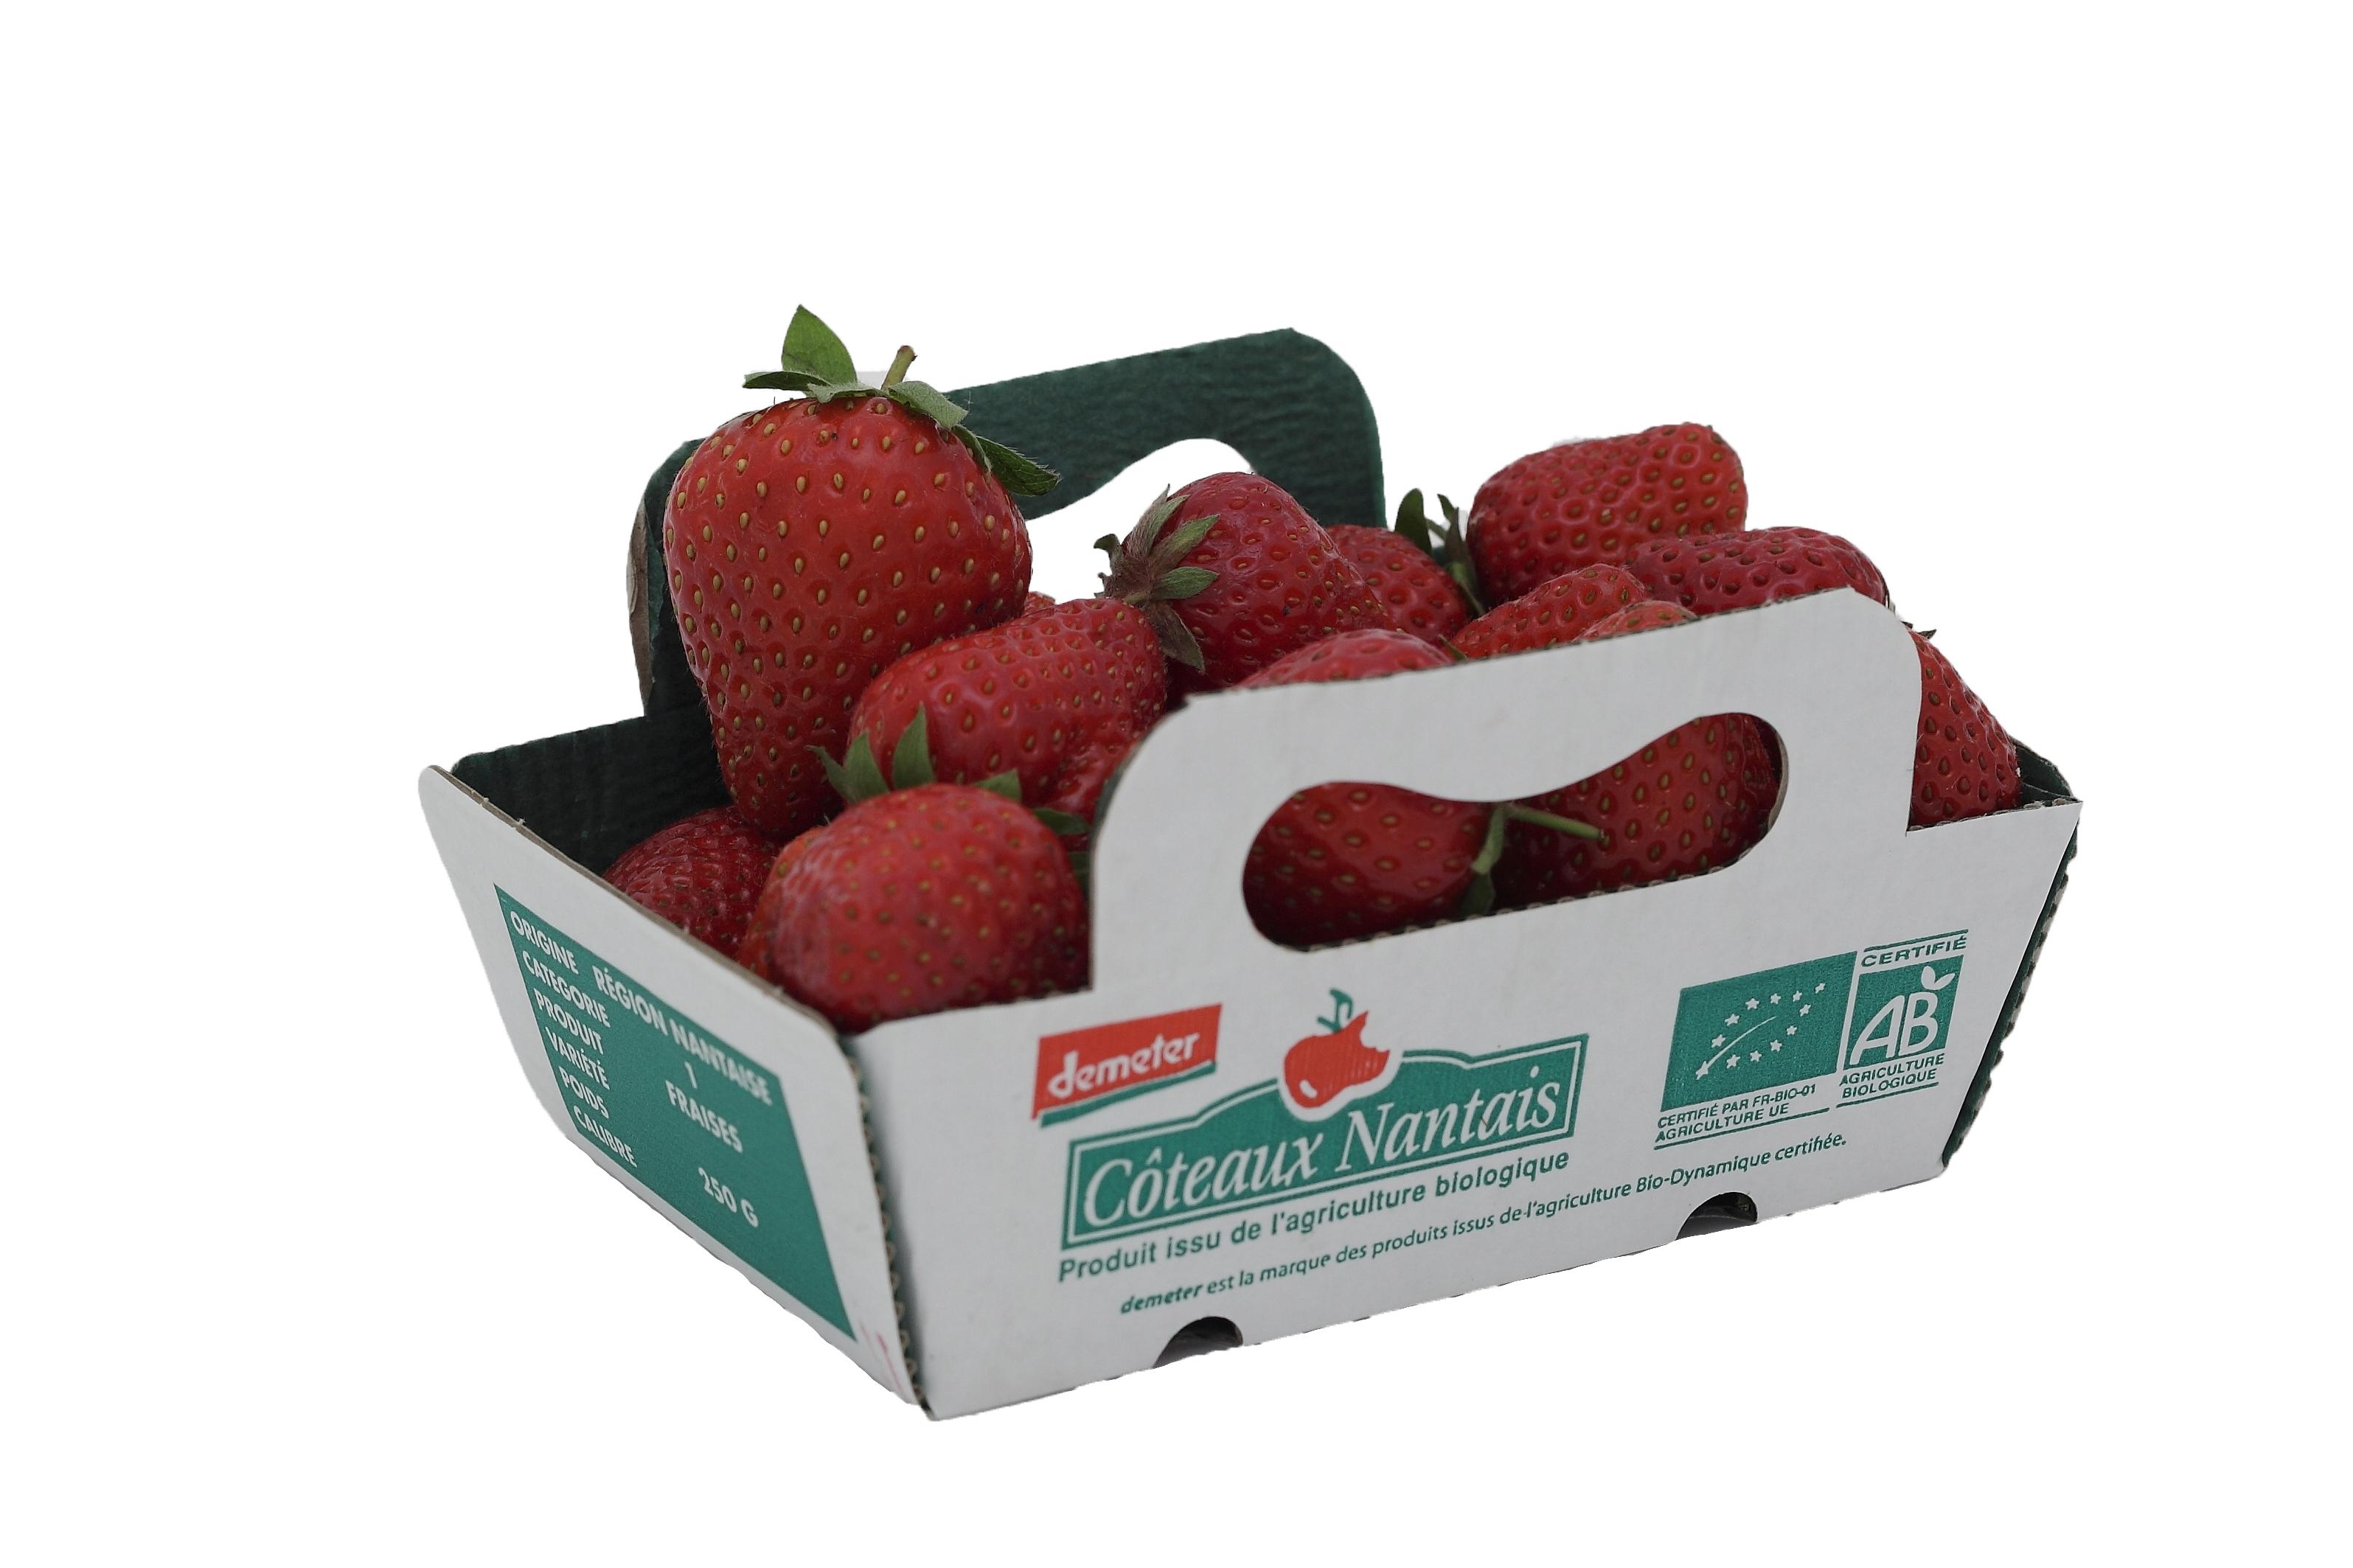 Barquette fraises Côteaux Nantais